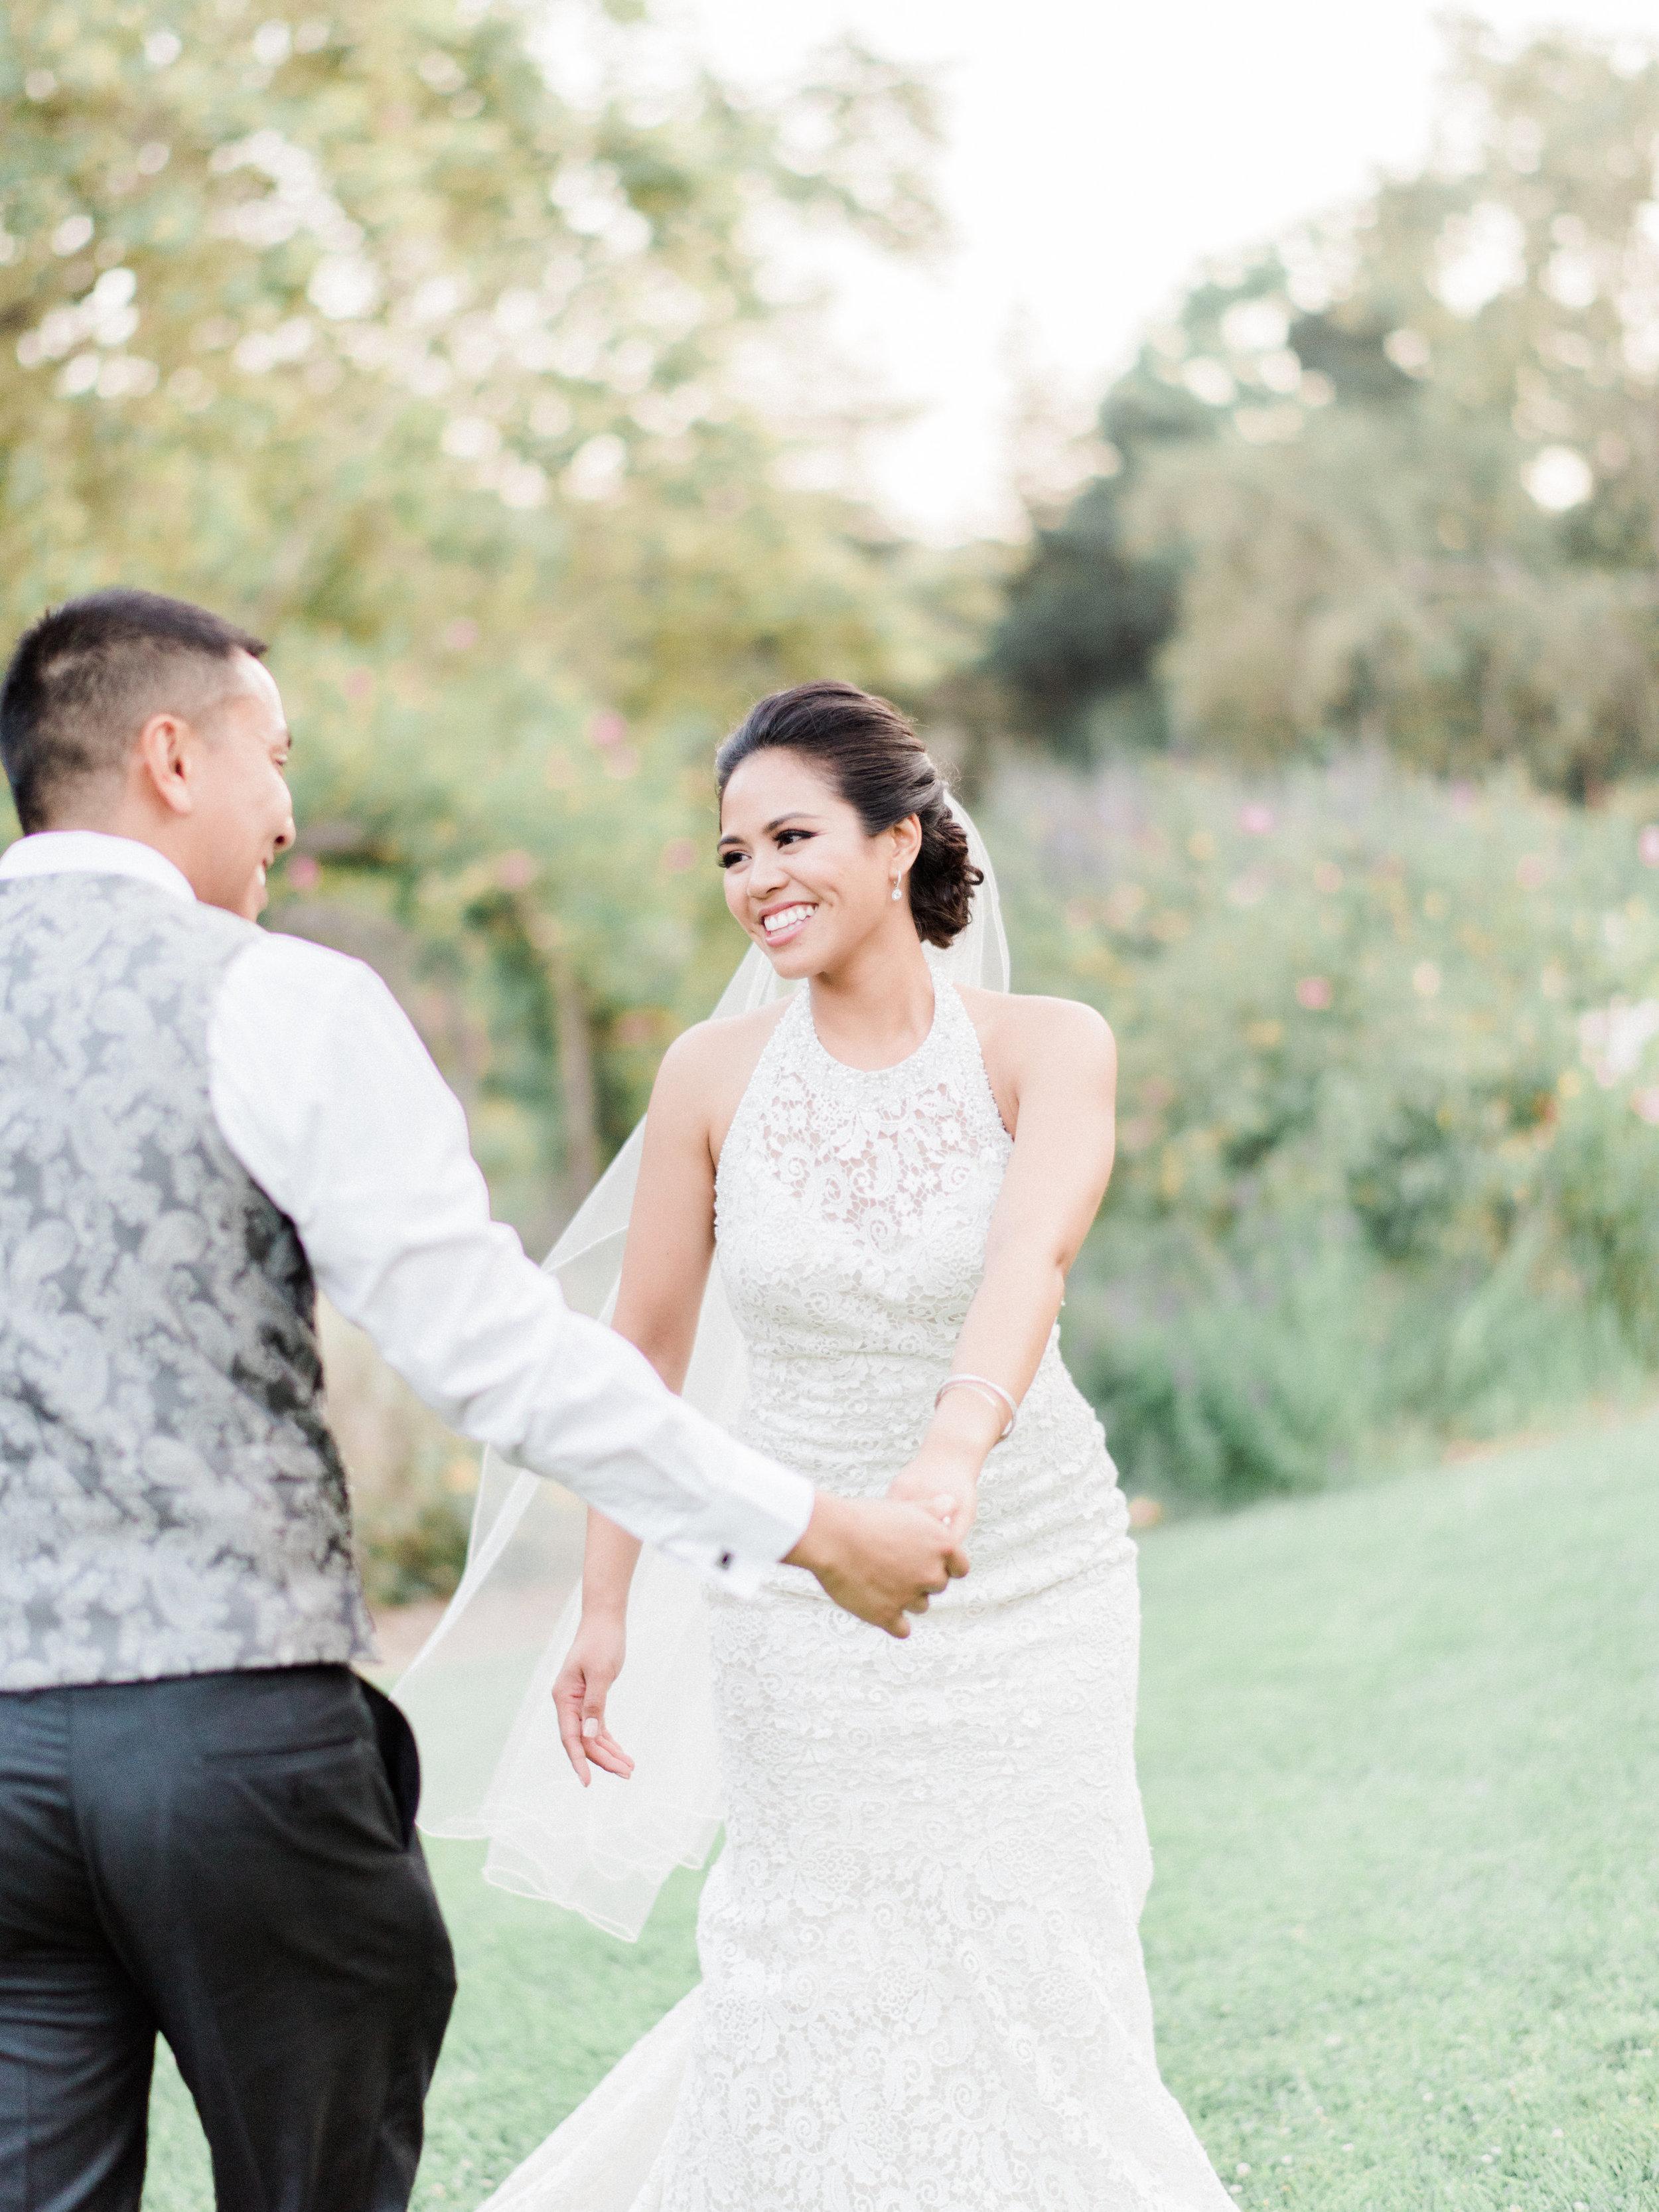 lilibethandjoey-wedding-851.jpg